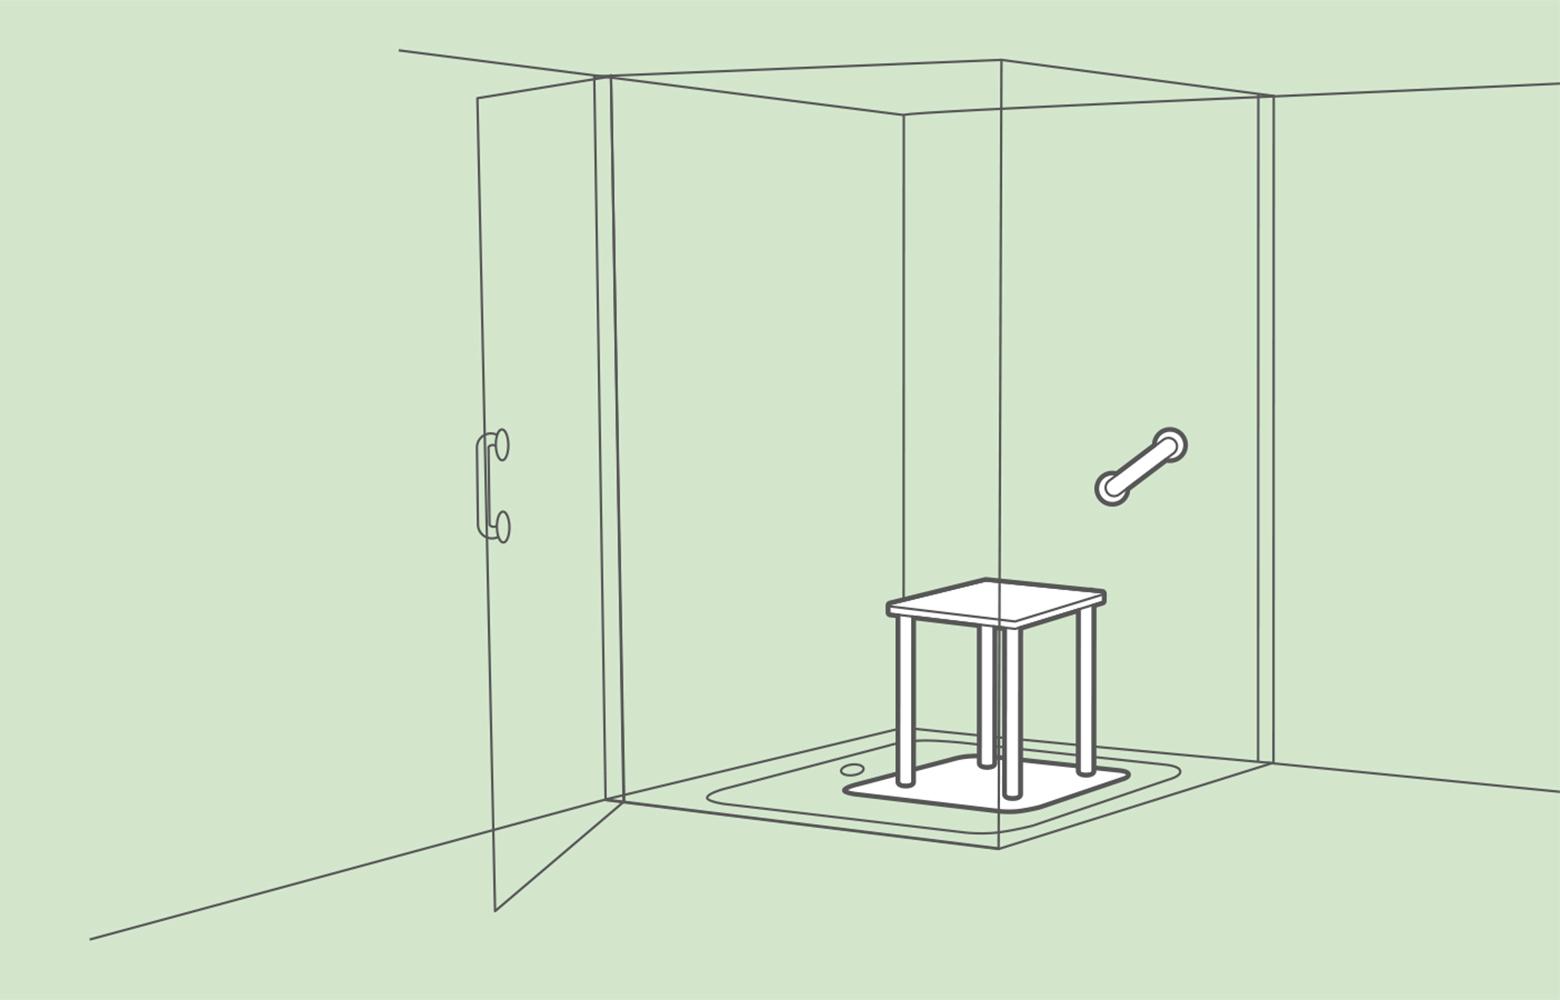 Full Size of Mischbatterie Dusche Badewanne Mit 80x80 Tür Und Glaswand Einhebelmischer Bodengleiche Fliesen Barrierefreie Antirutschmatte Hsk Duschen Kleine Bäder Walk Dusche Barrierefreie Dusche